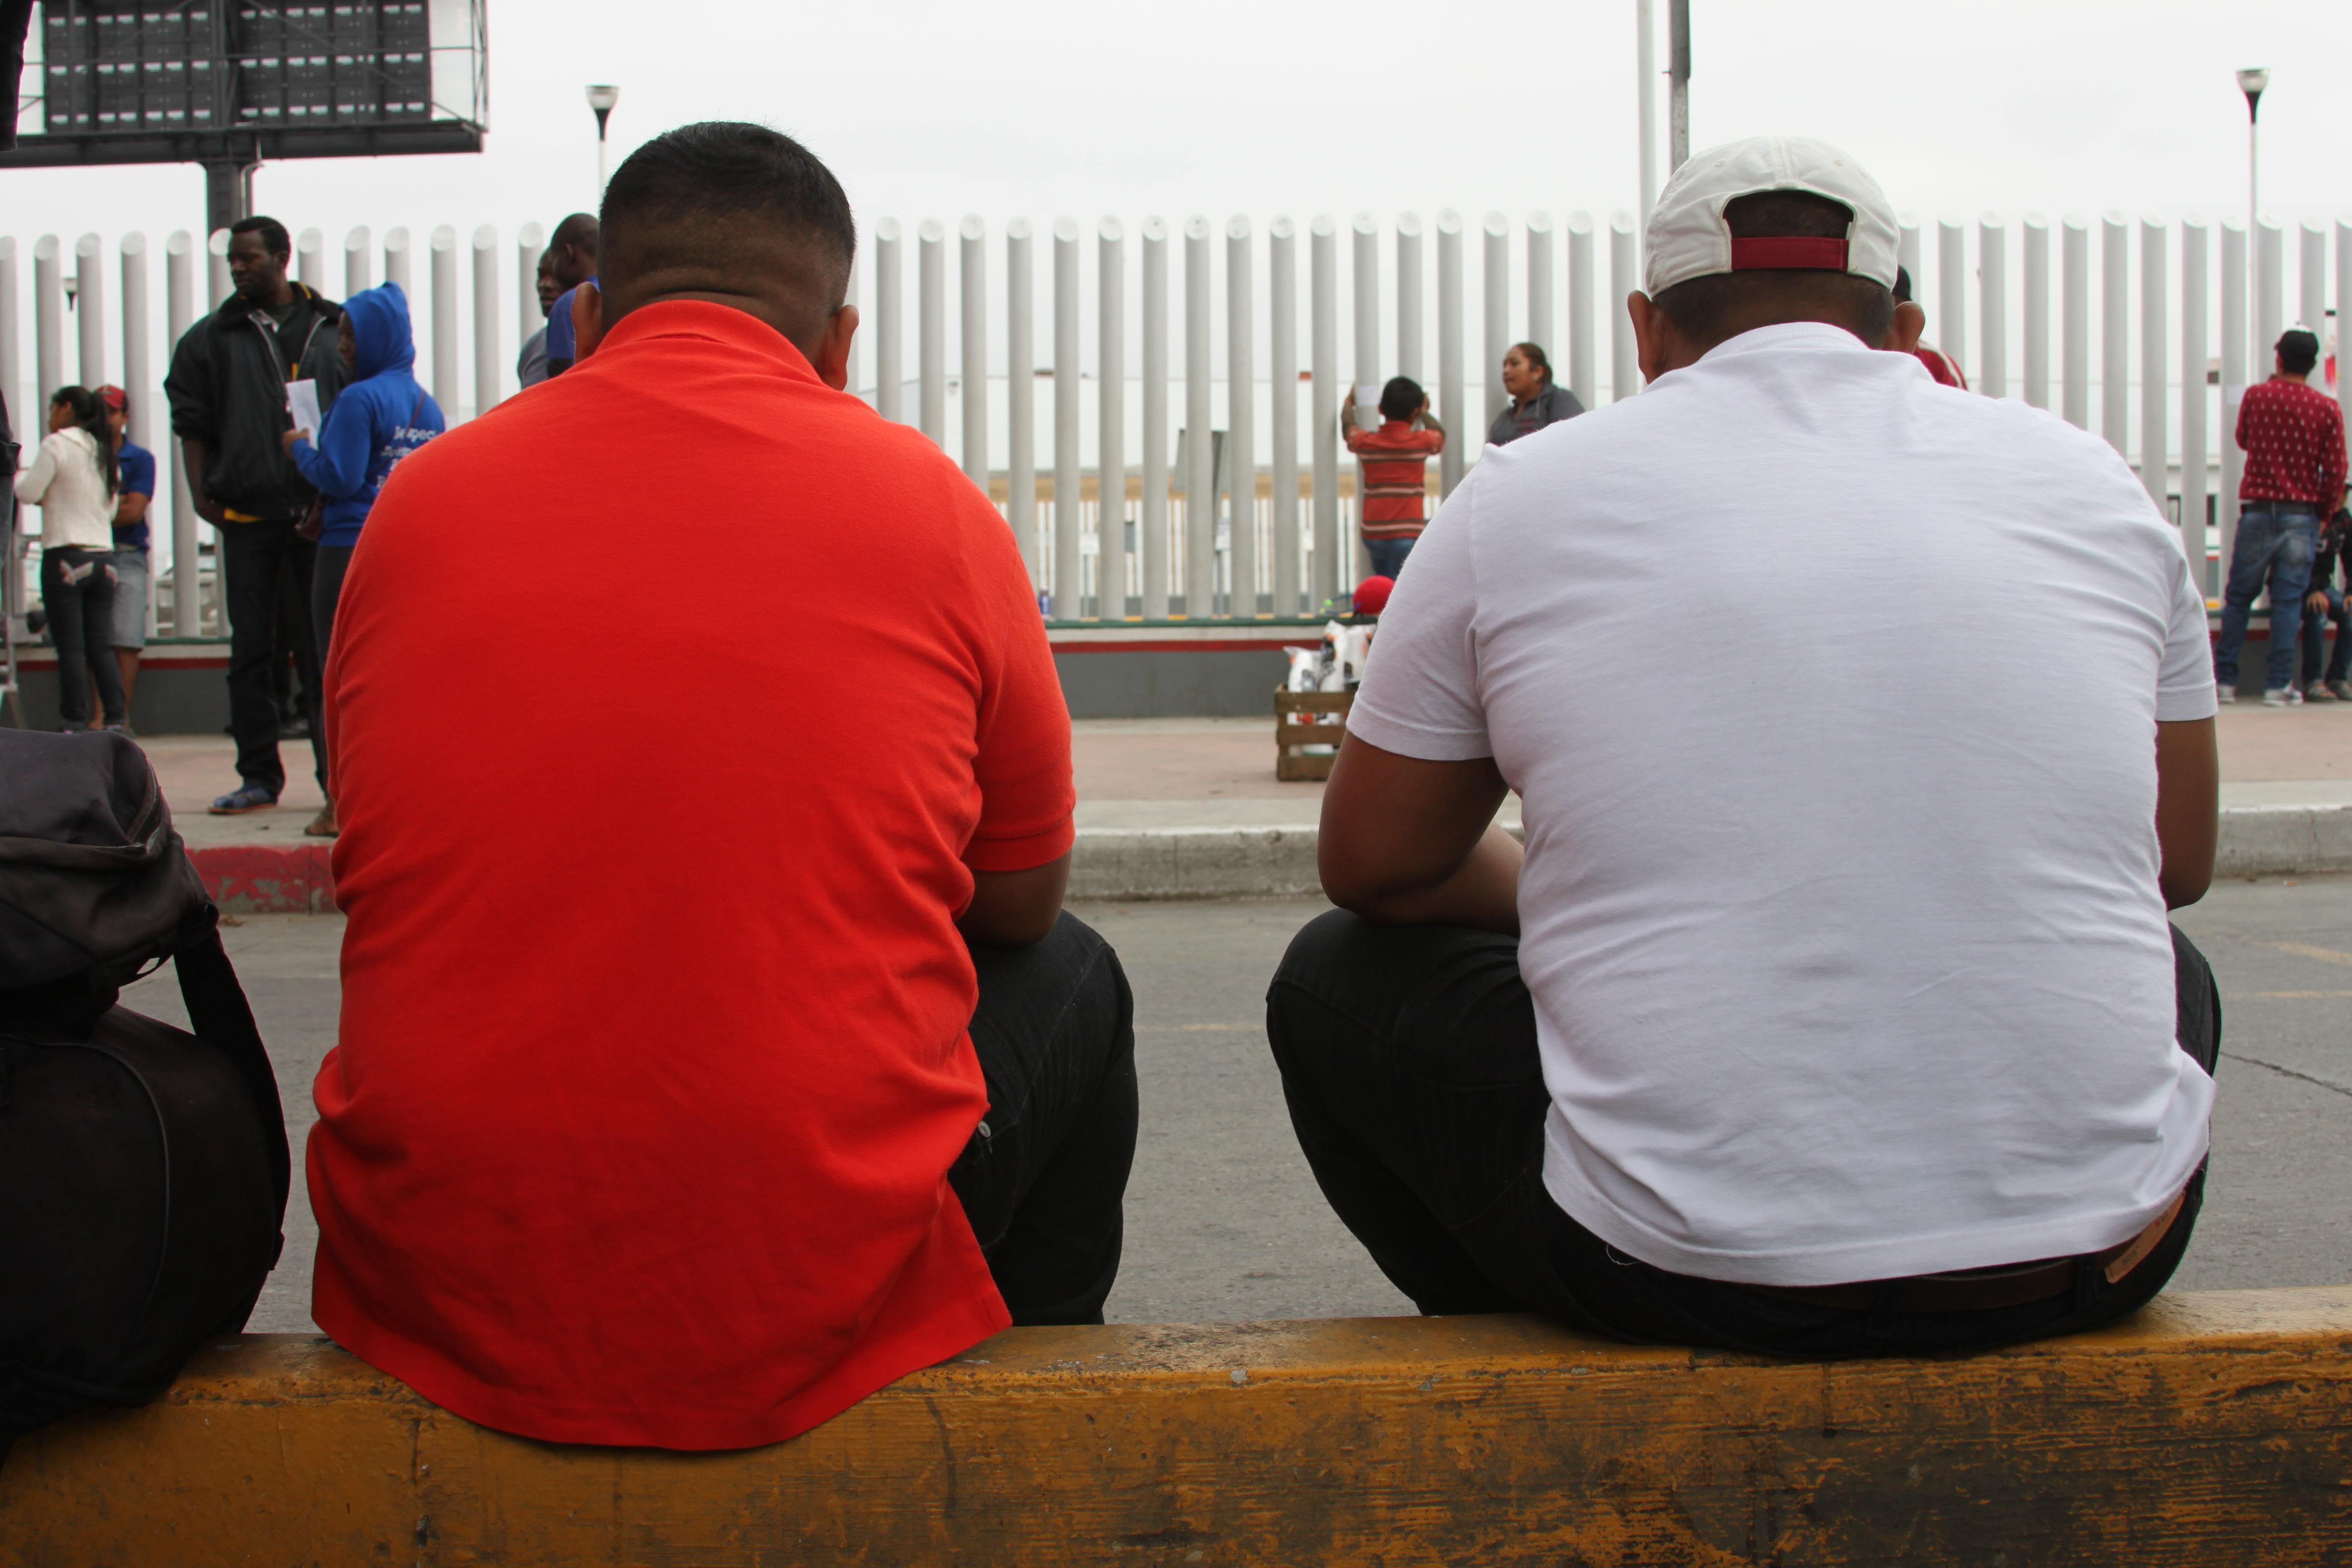 Fear & uncertainty: Asylum-seekers in limbo under Trump's